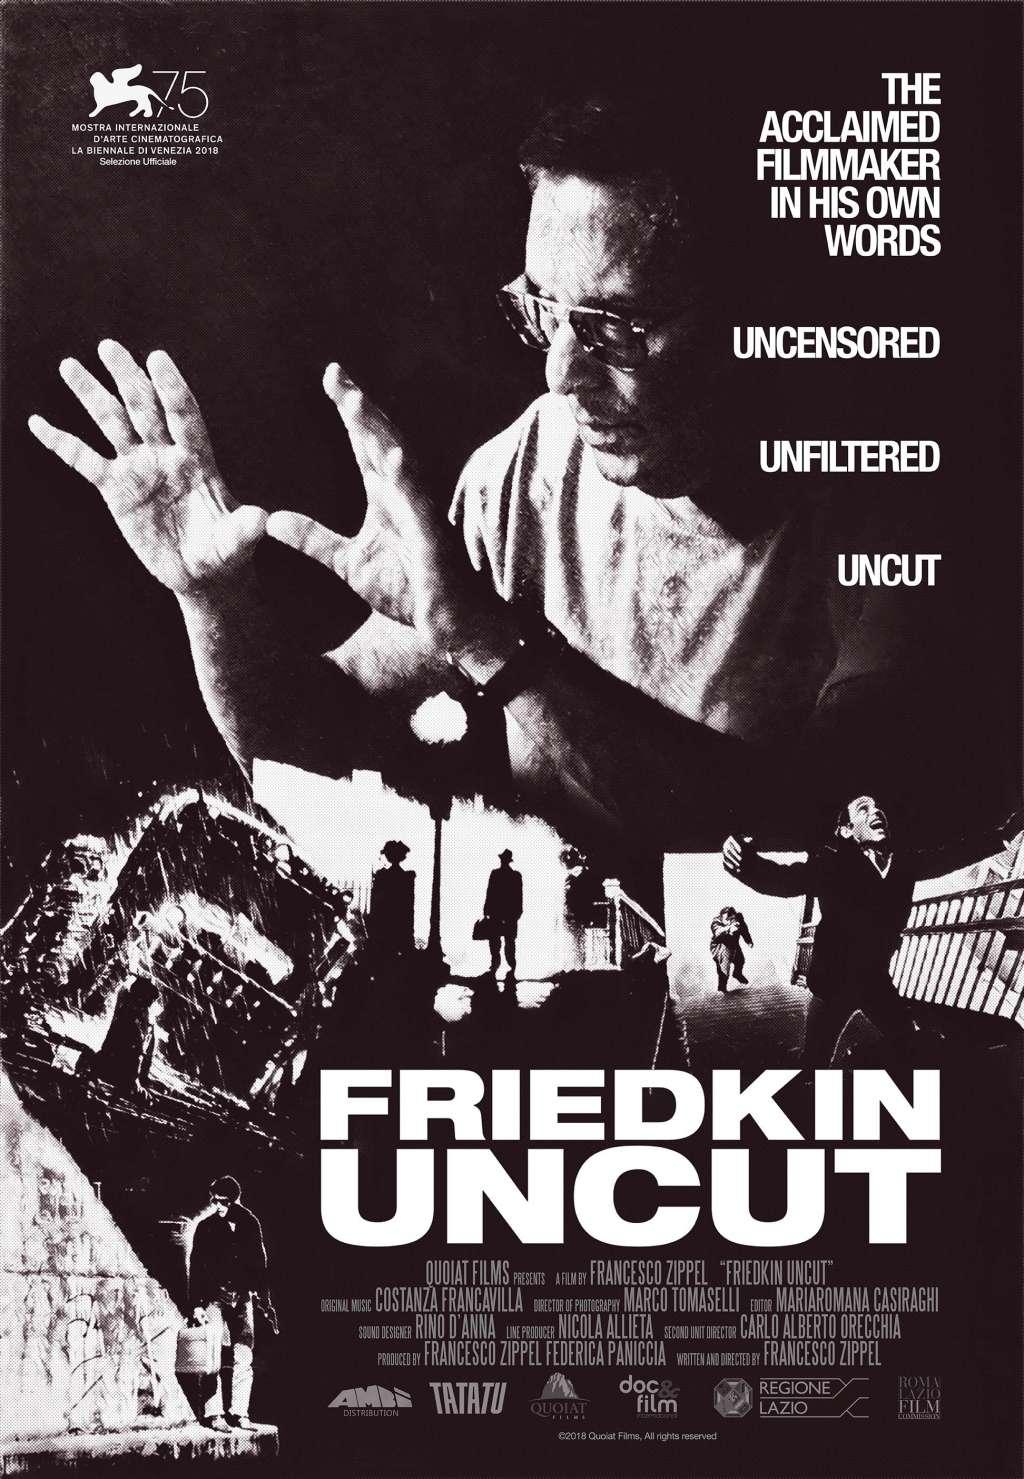 Friedkin Uncut kapak